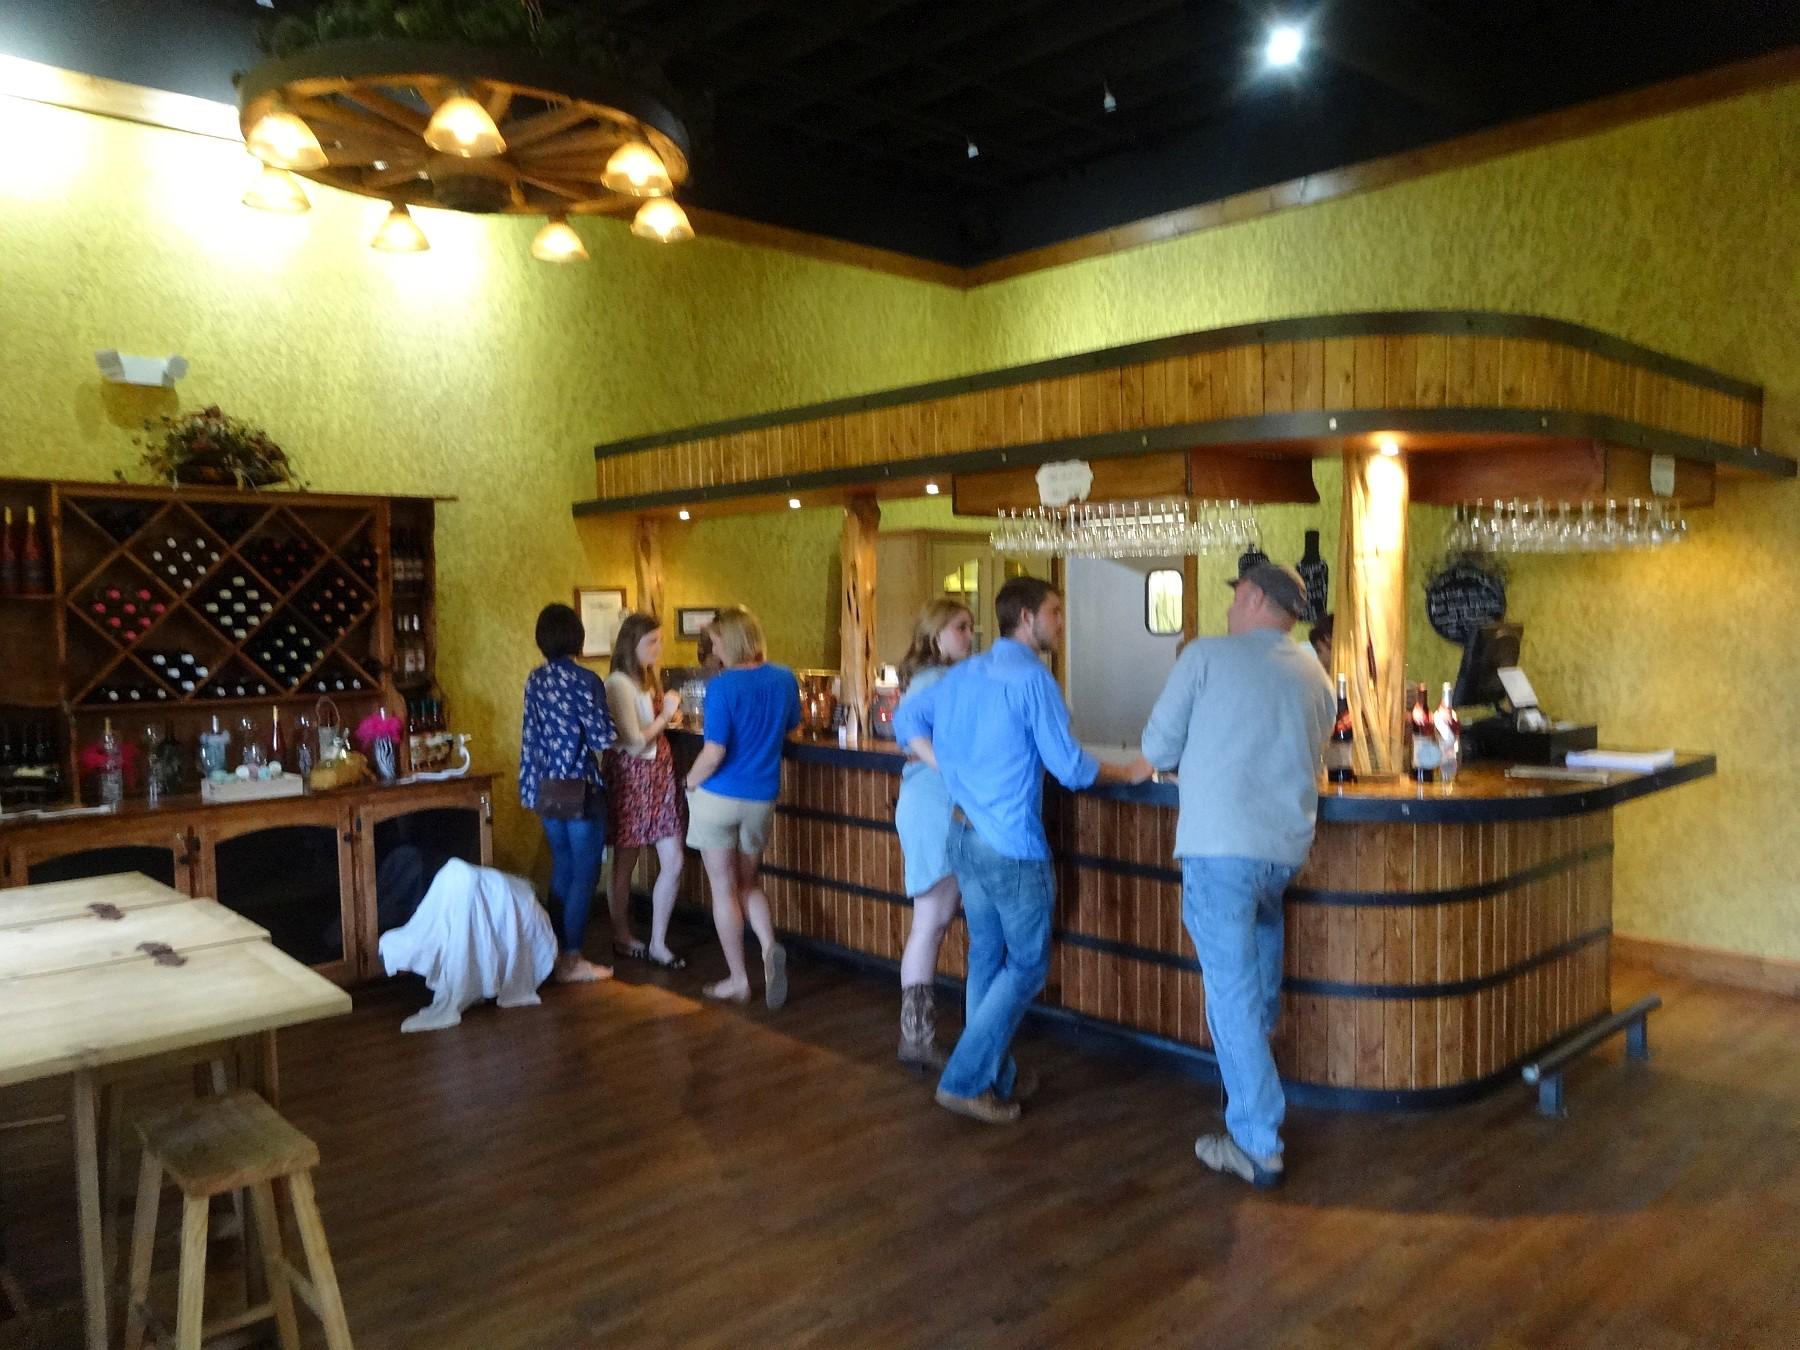 Sweet Springs Winery inside